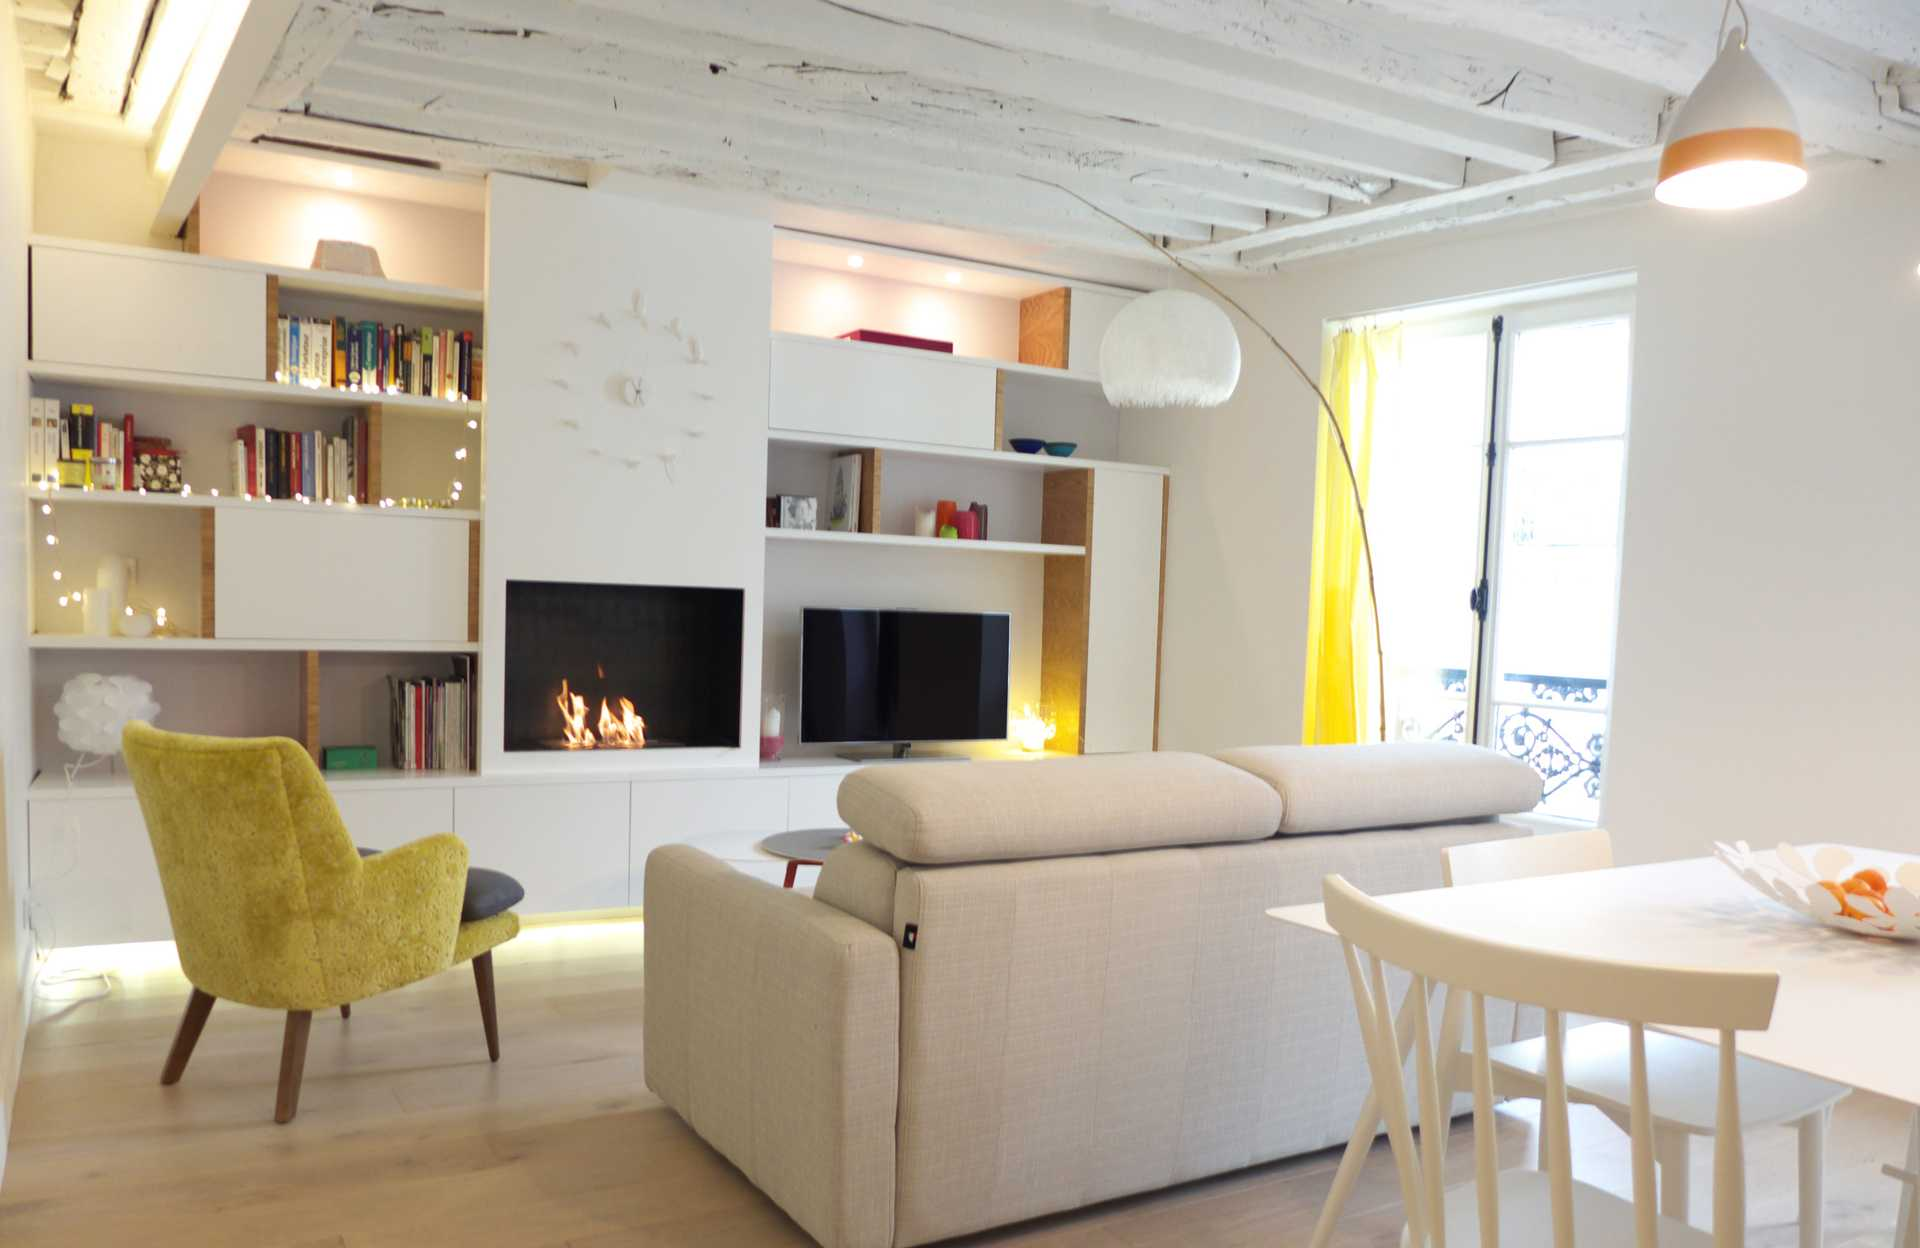 Peindre Poutres Anciennes Blanc rendre un appartement ancien plus lumineux : rénovation d'un